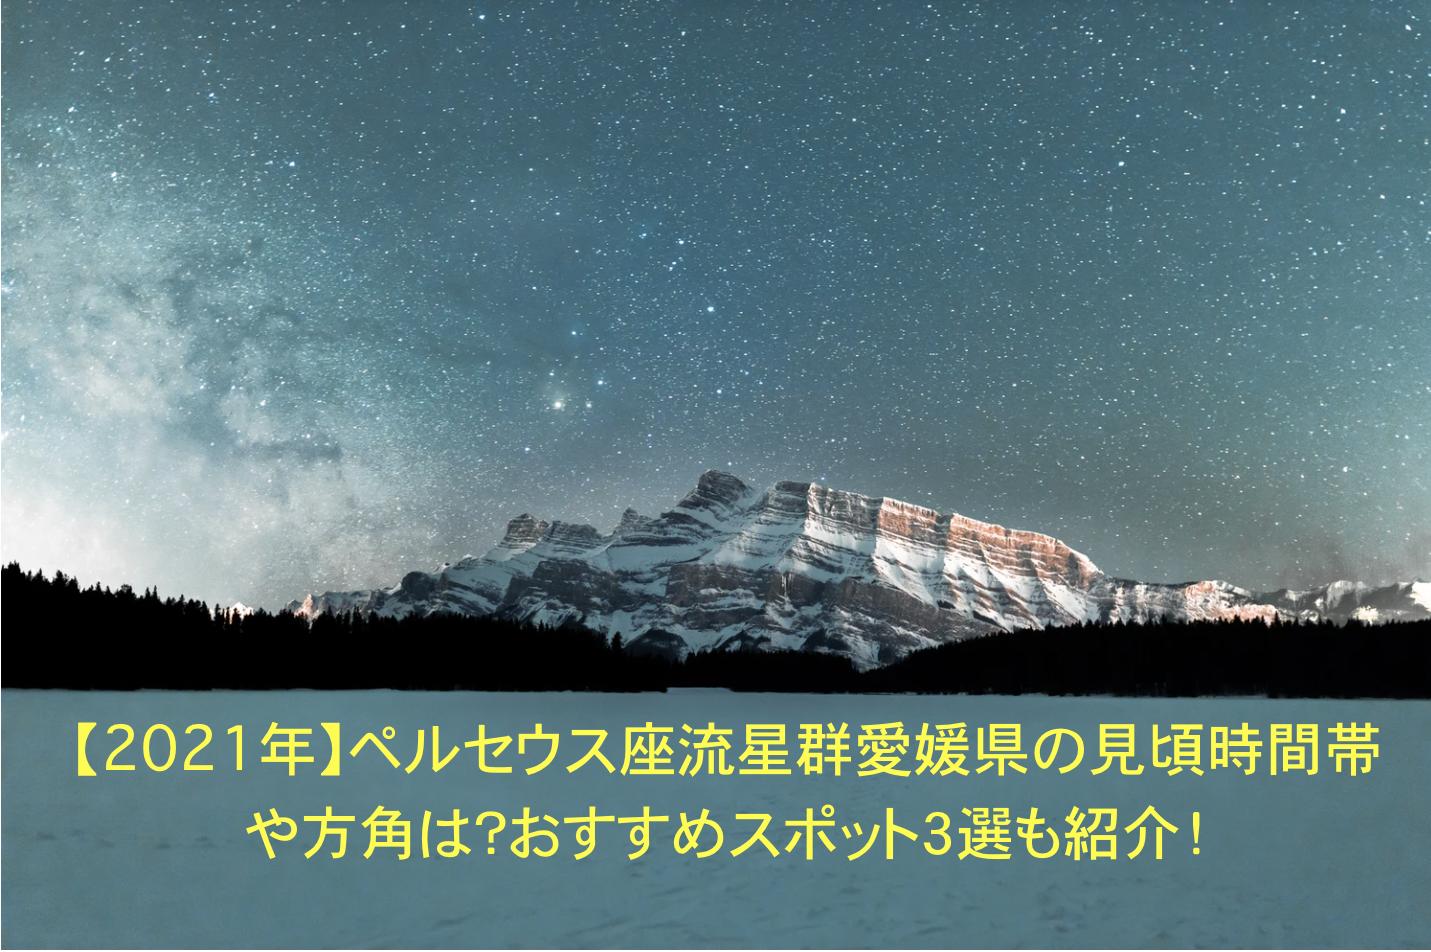 ペルセウス座流星群 愛媛 見頃 時間帯 方角 おすすめスポット